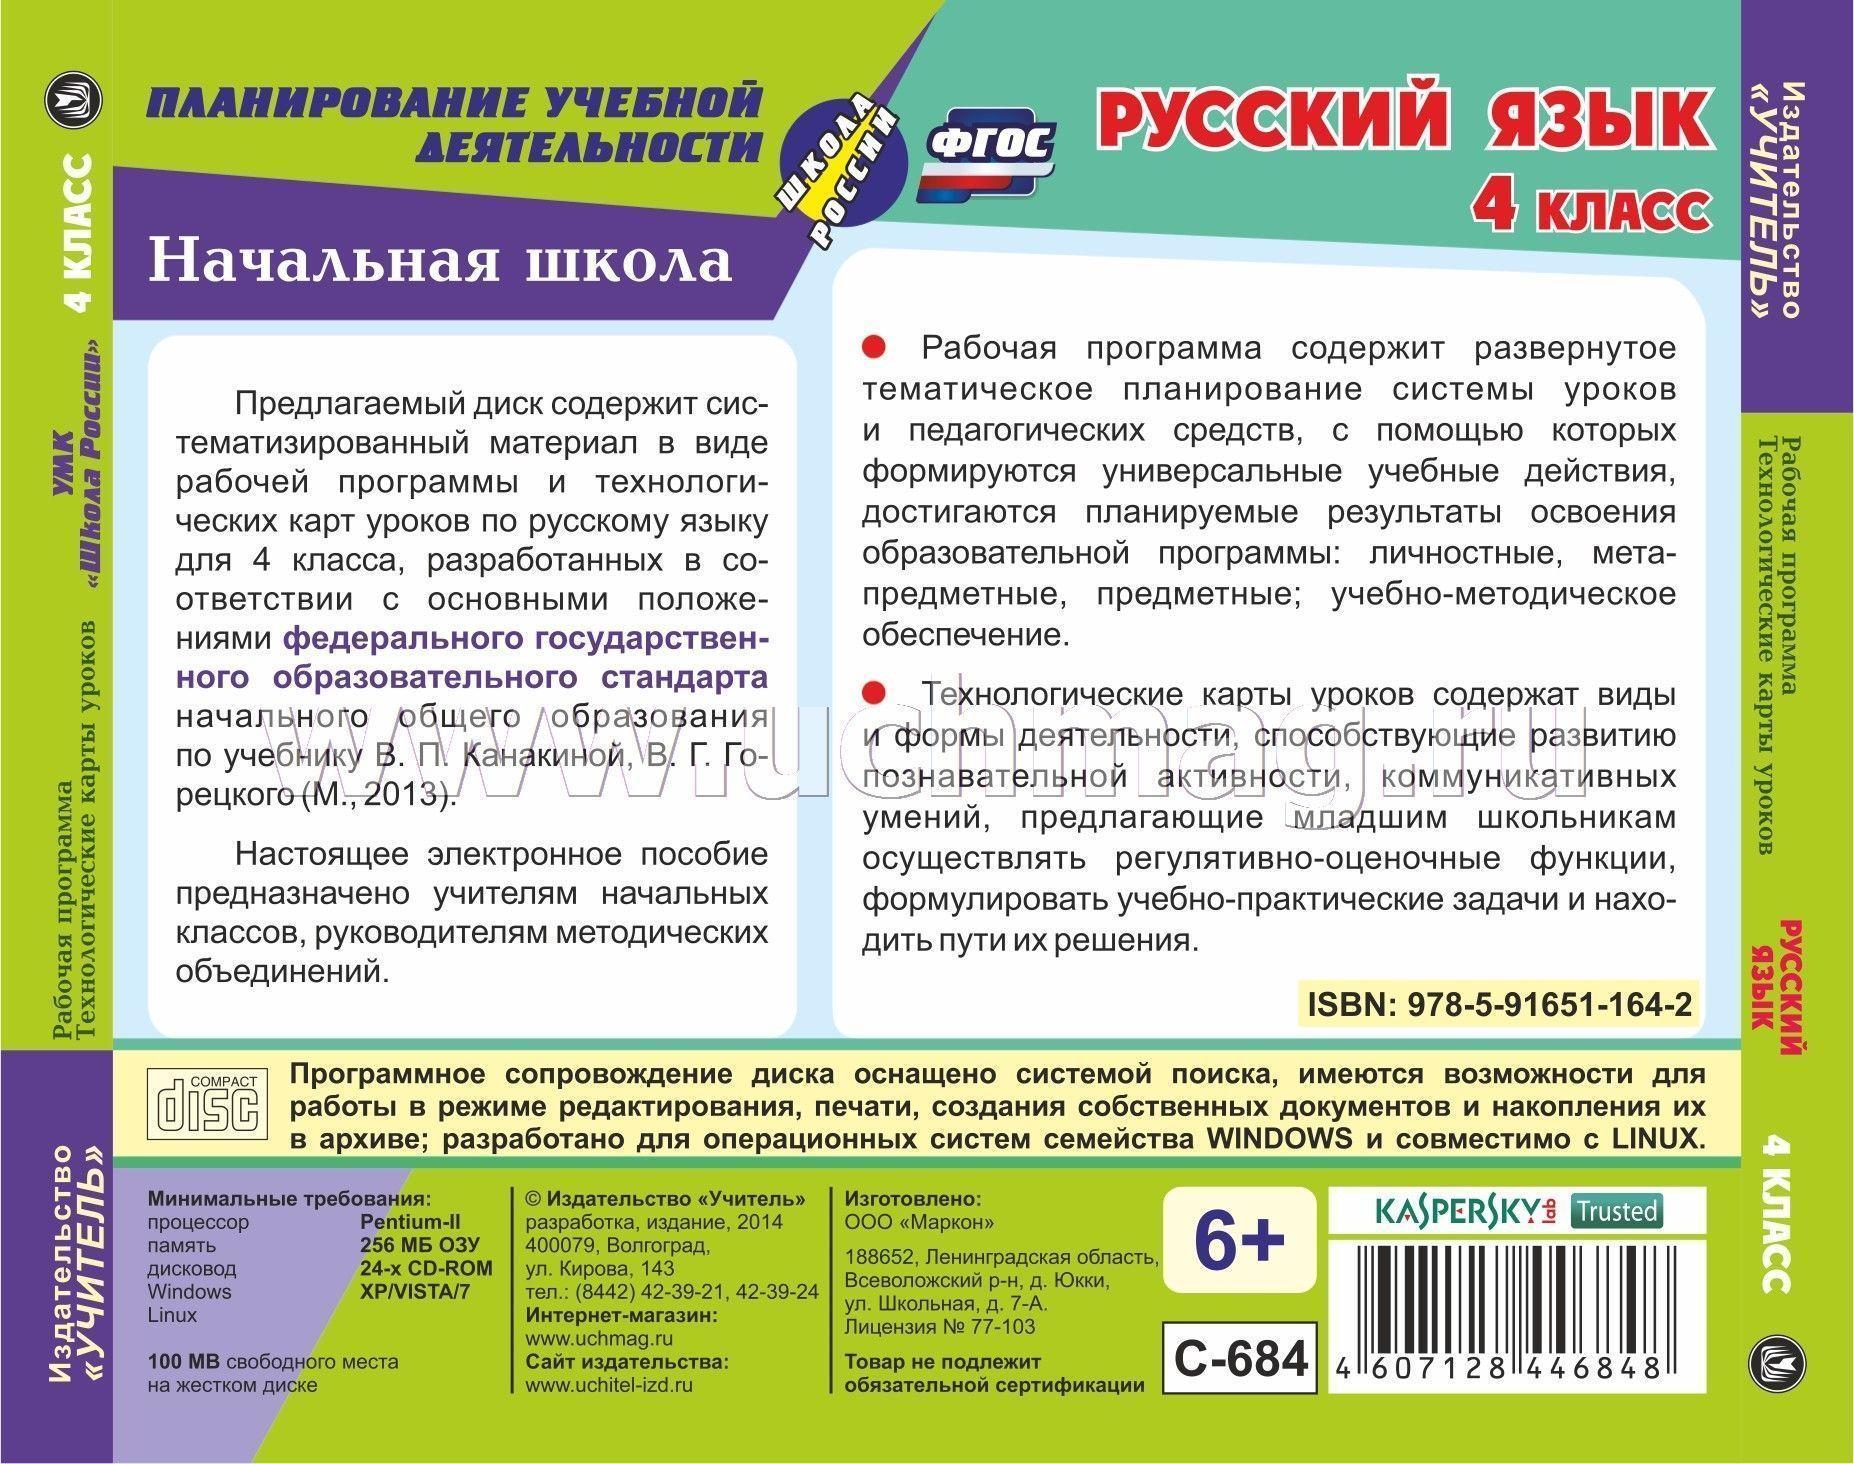 Русский язык 4 класс программа